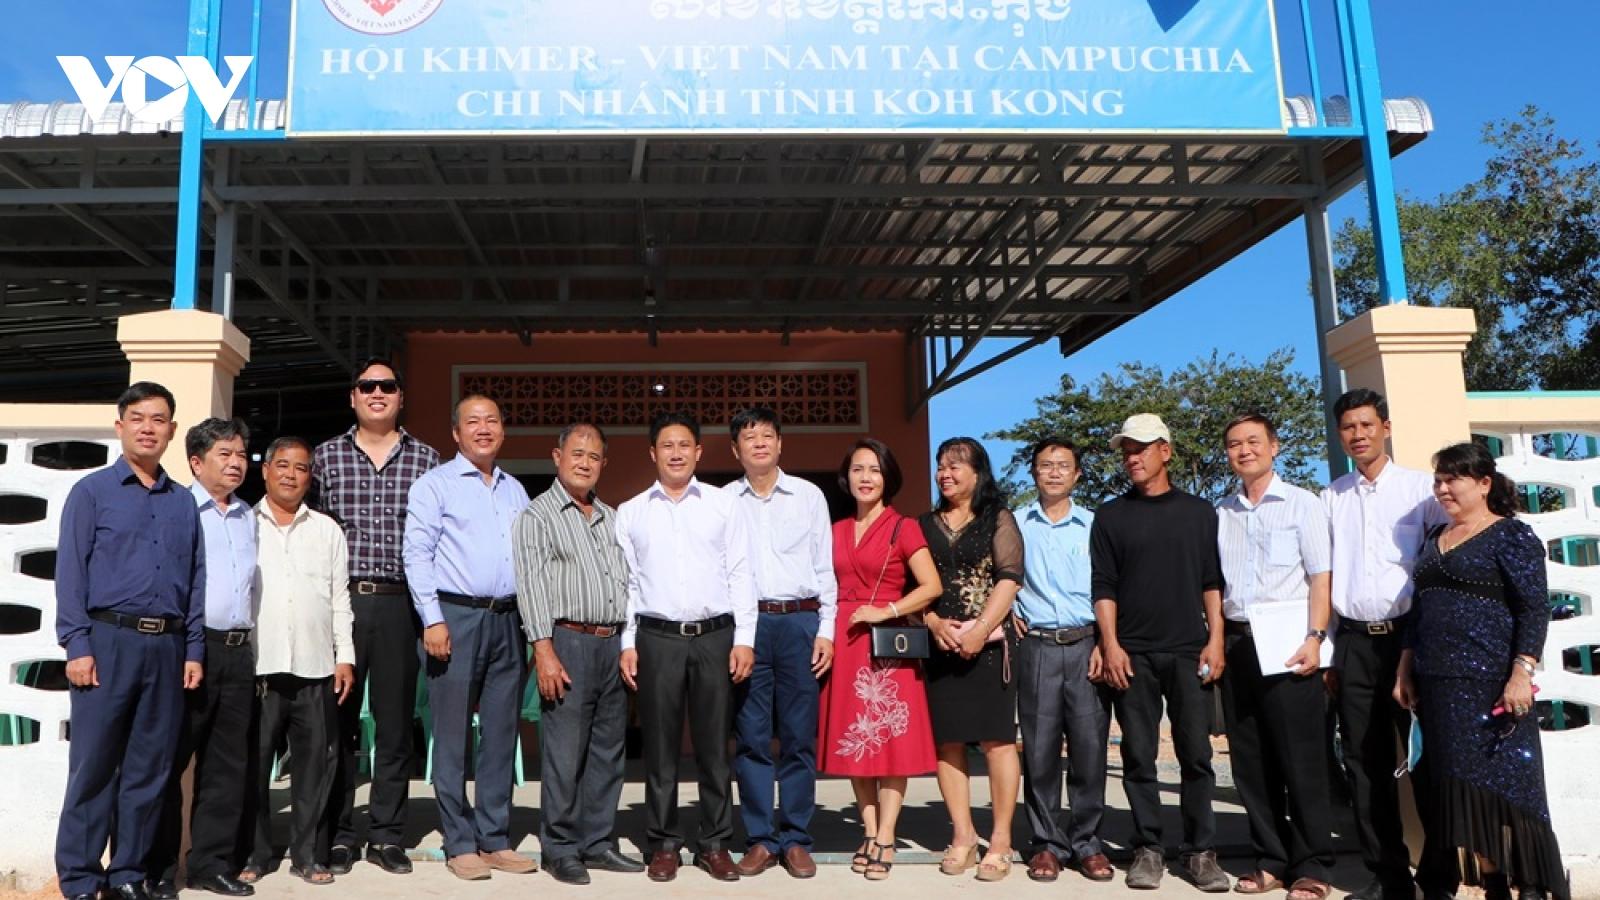 Khánh thành trụ sở Hội Khmer-Việt Nam ở tỉnh Koh Kong (Campuchia)